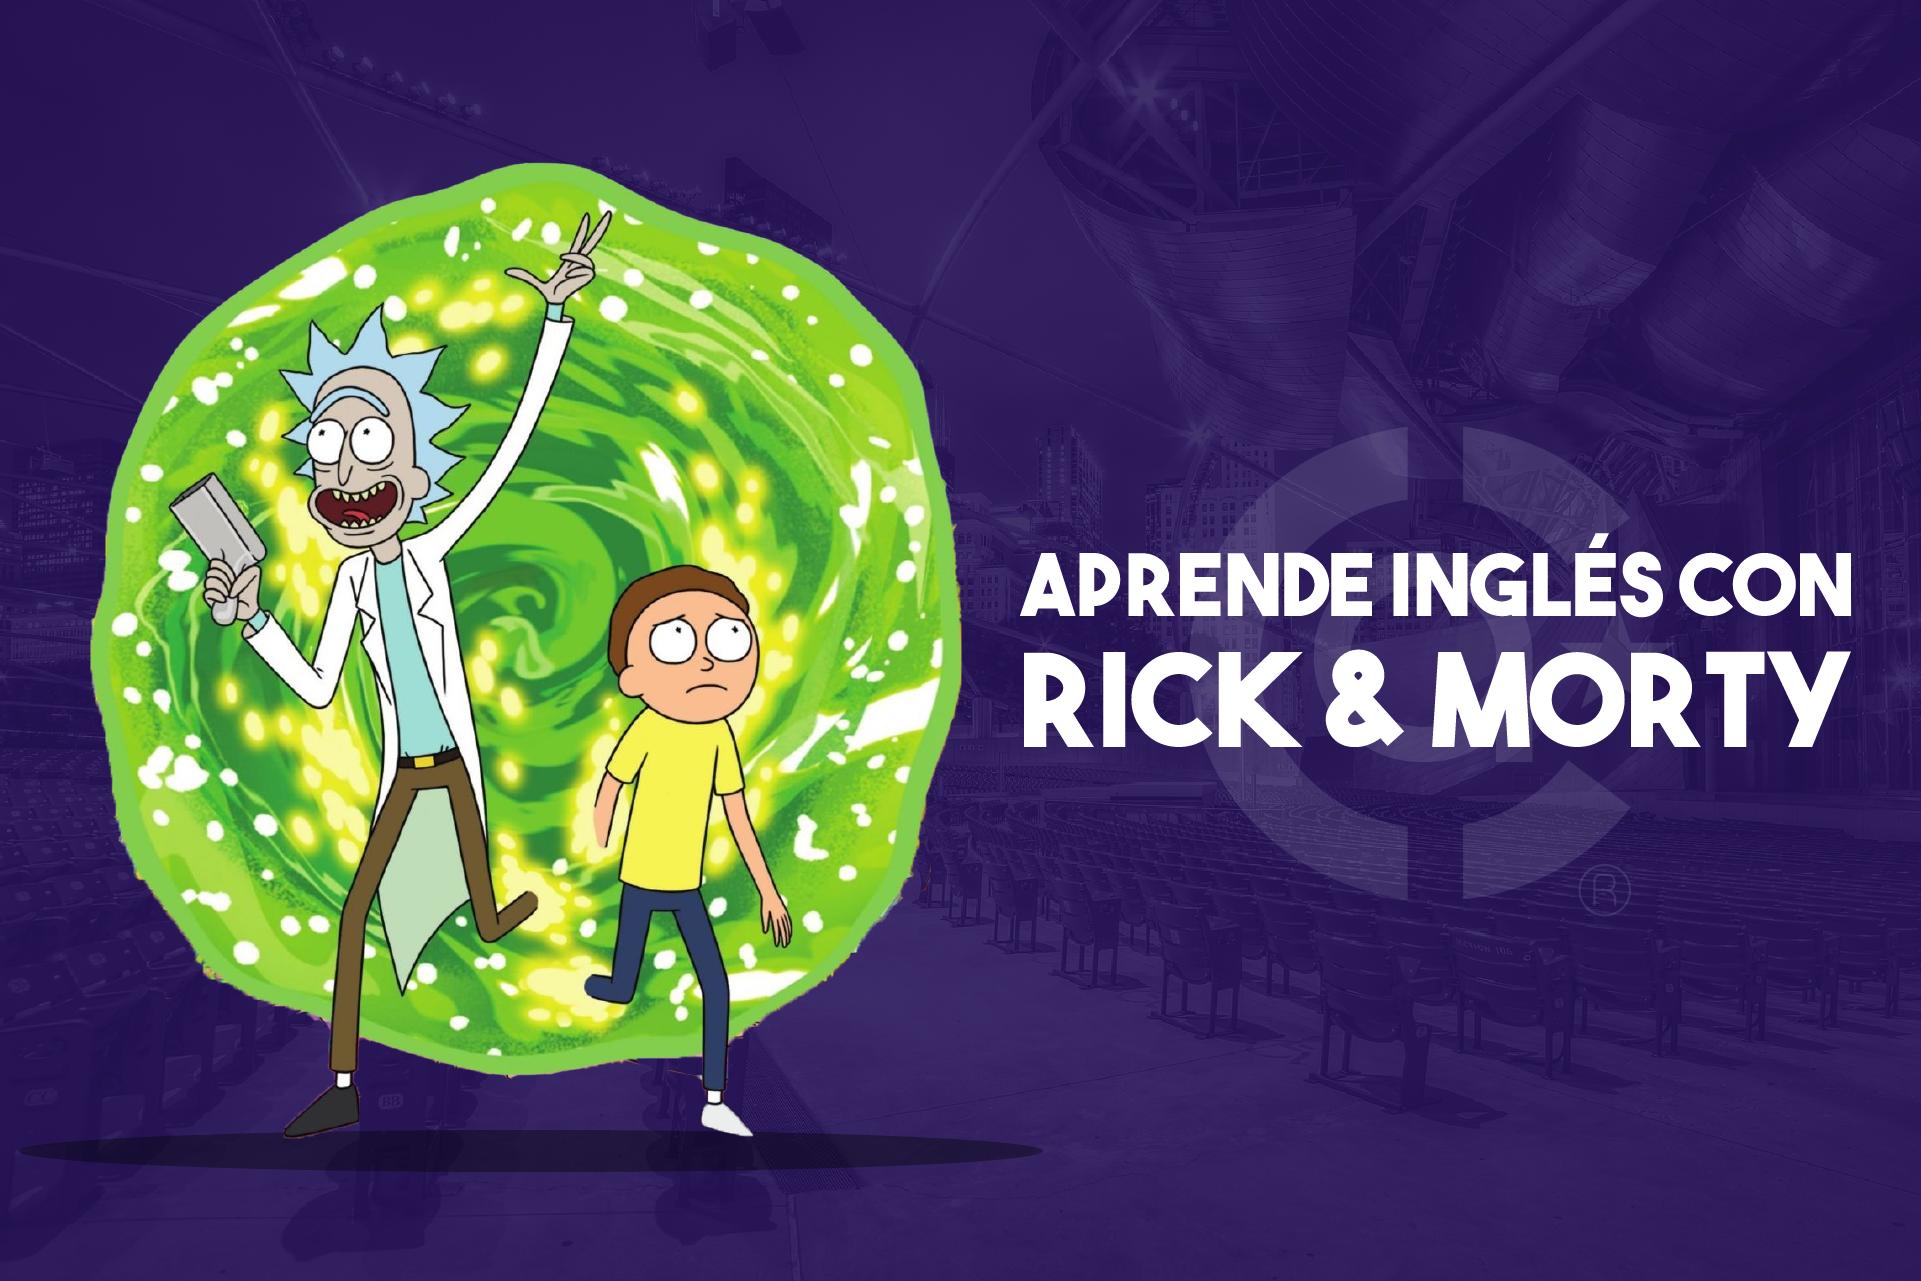 """Aprende inglés con """"Ricky & Morty"""""""